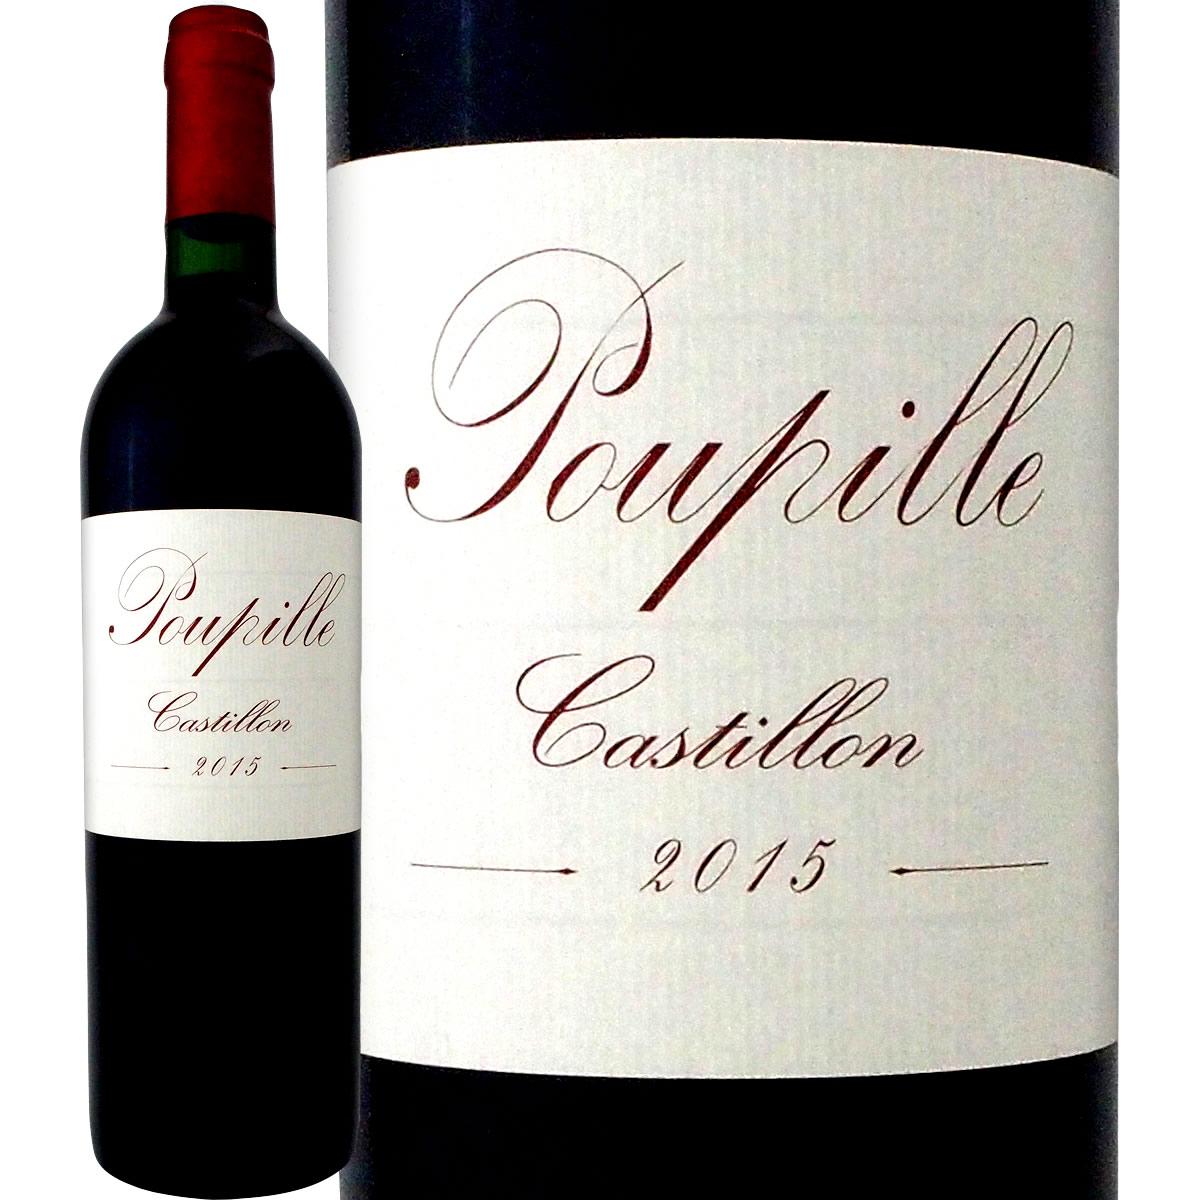 人は皆このワインを 奇跡のワイン と呼ぶ プピーユ 超激安 5☆好評 2015フランス ボルドー 赤 プレゼント 750ml 赤ワイン ワイン ギフト